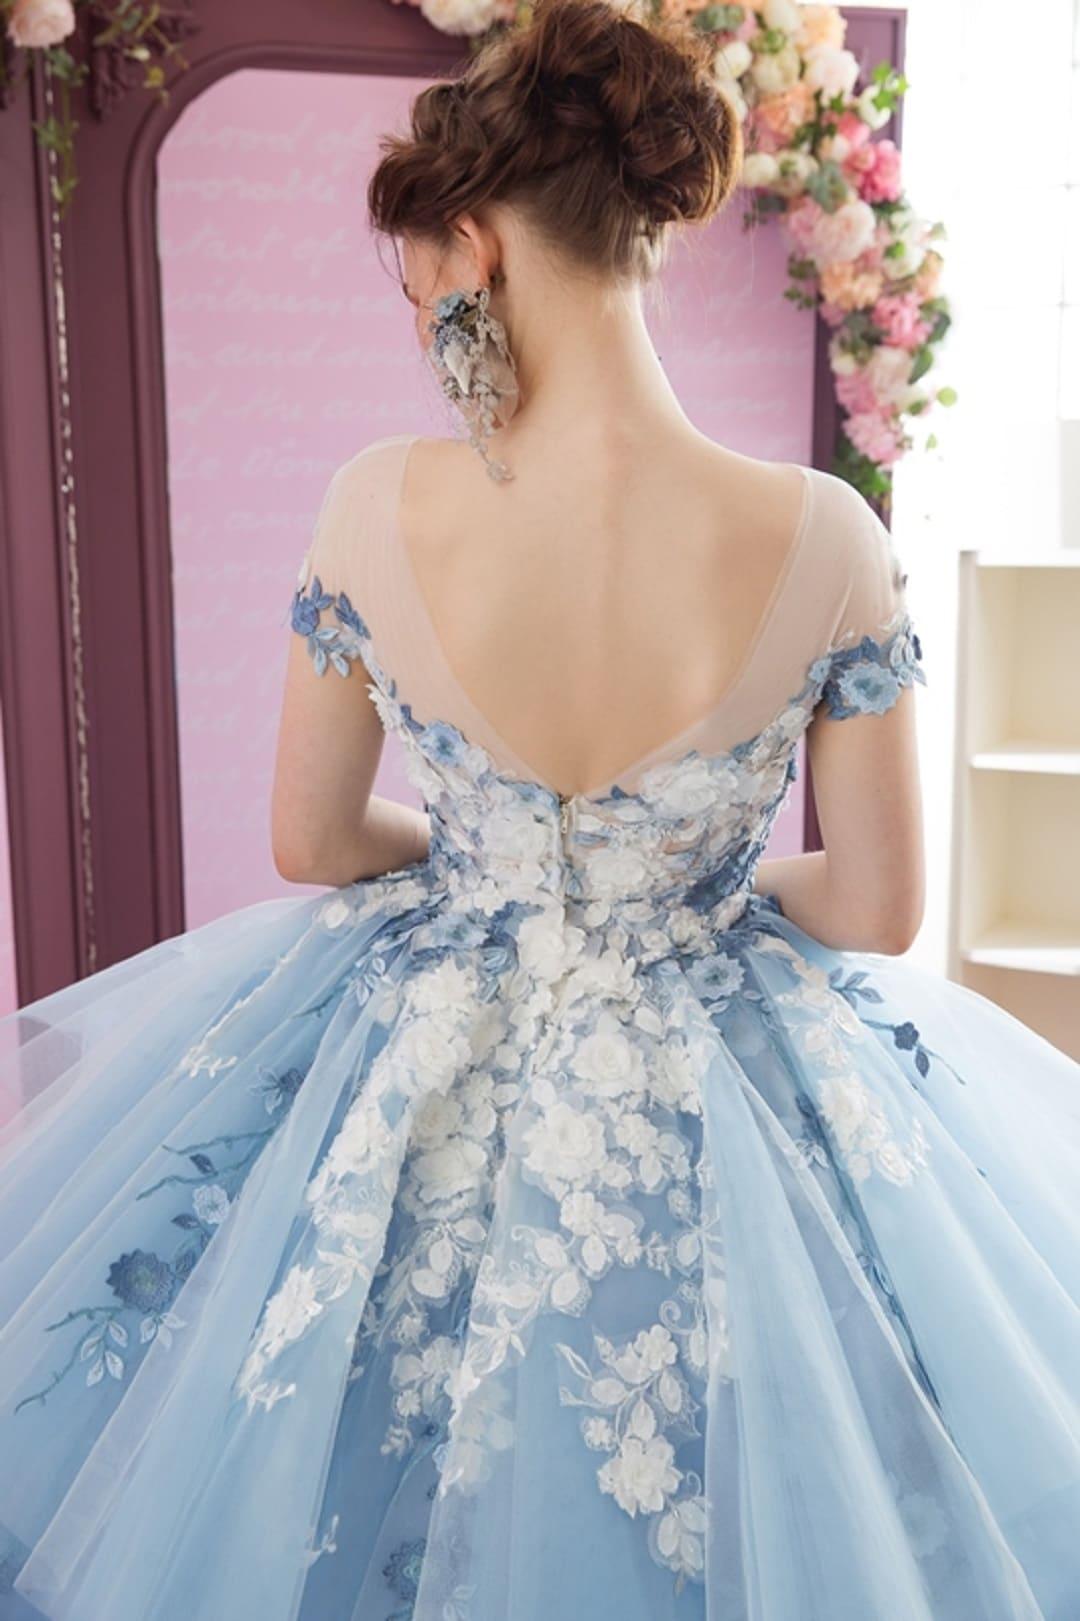 高雄法國台北婚紗 婚紗禮服 7